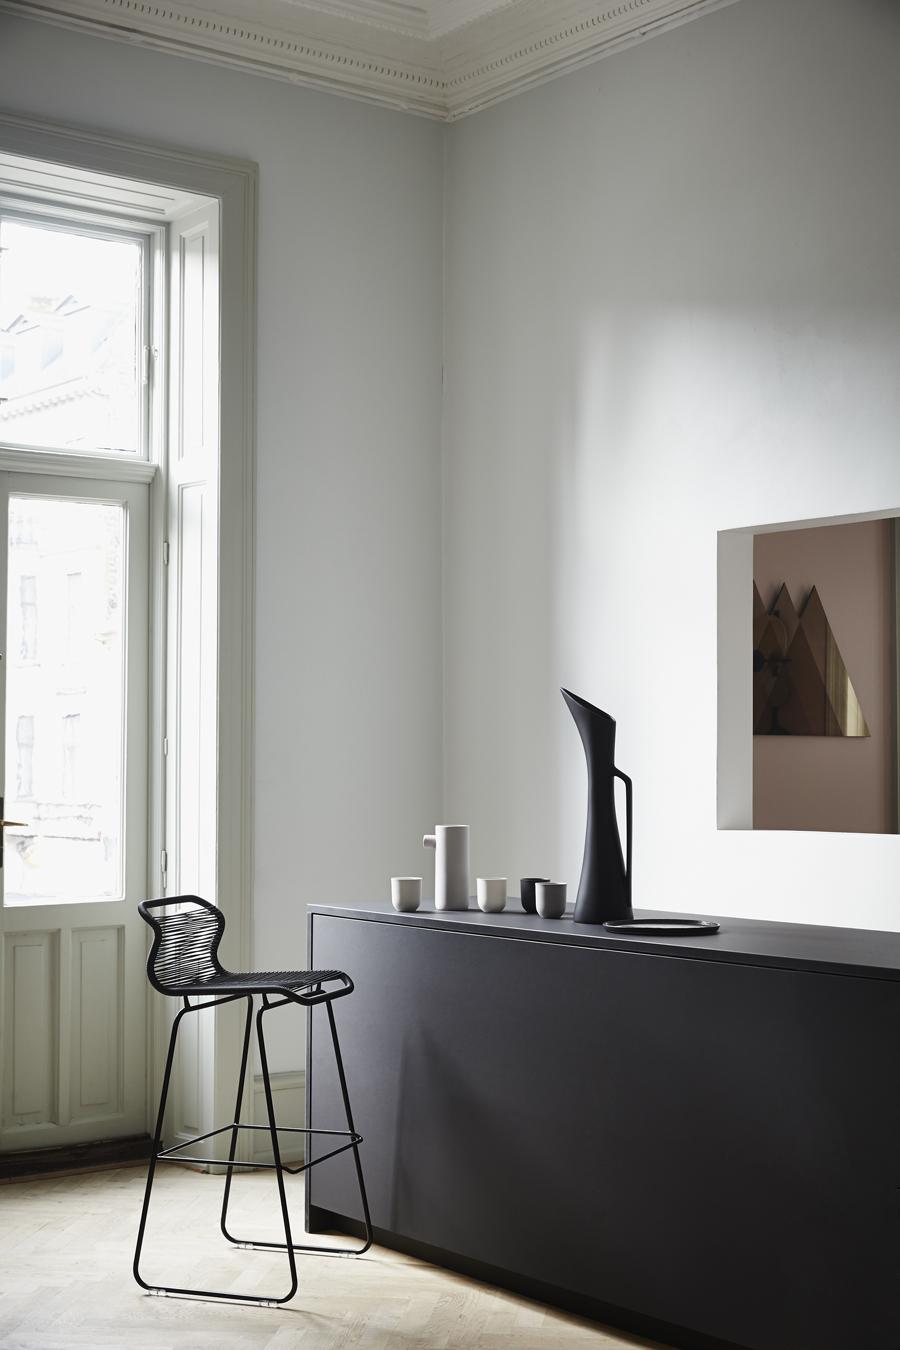 05 Panton bar stool_new03